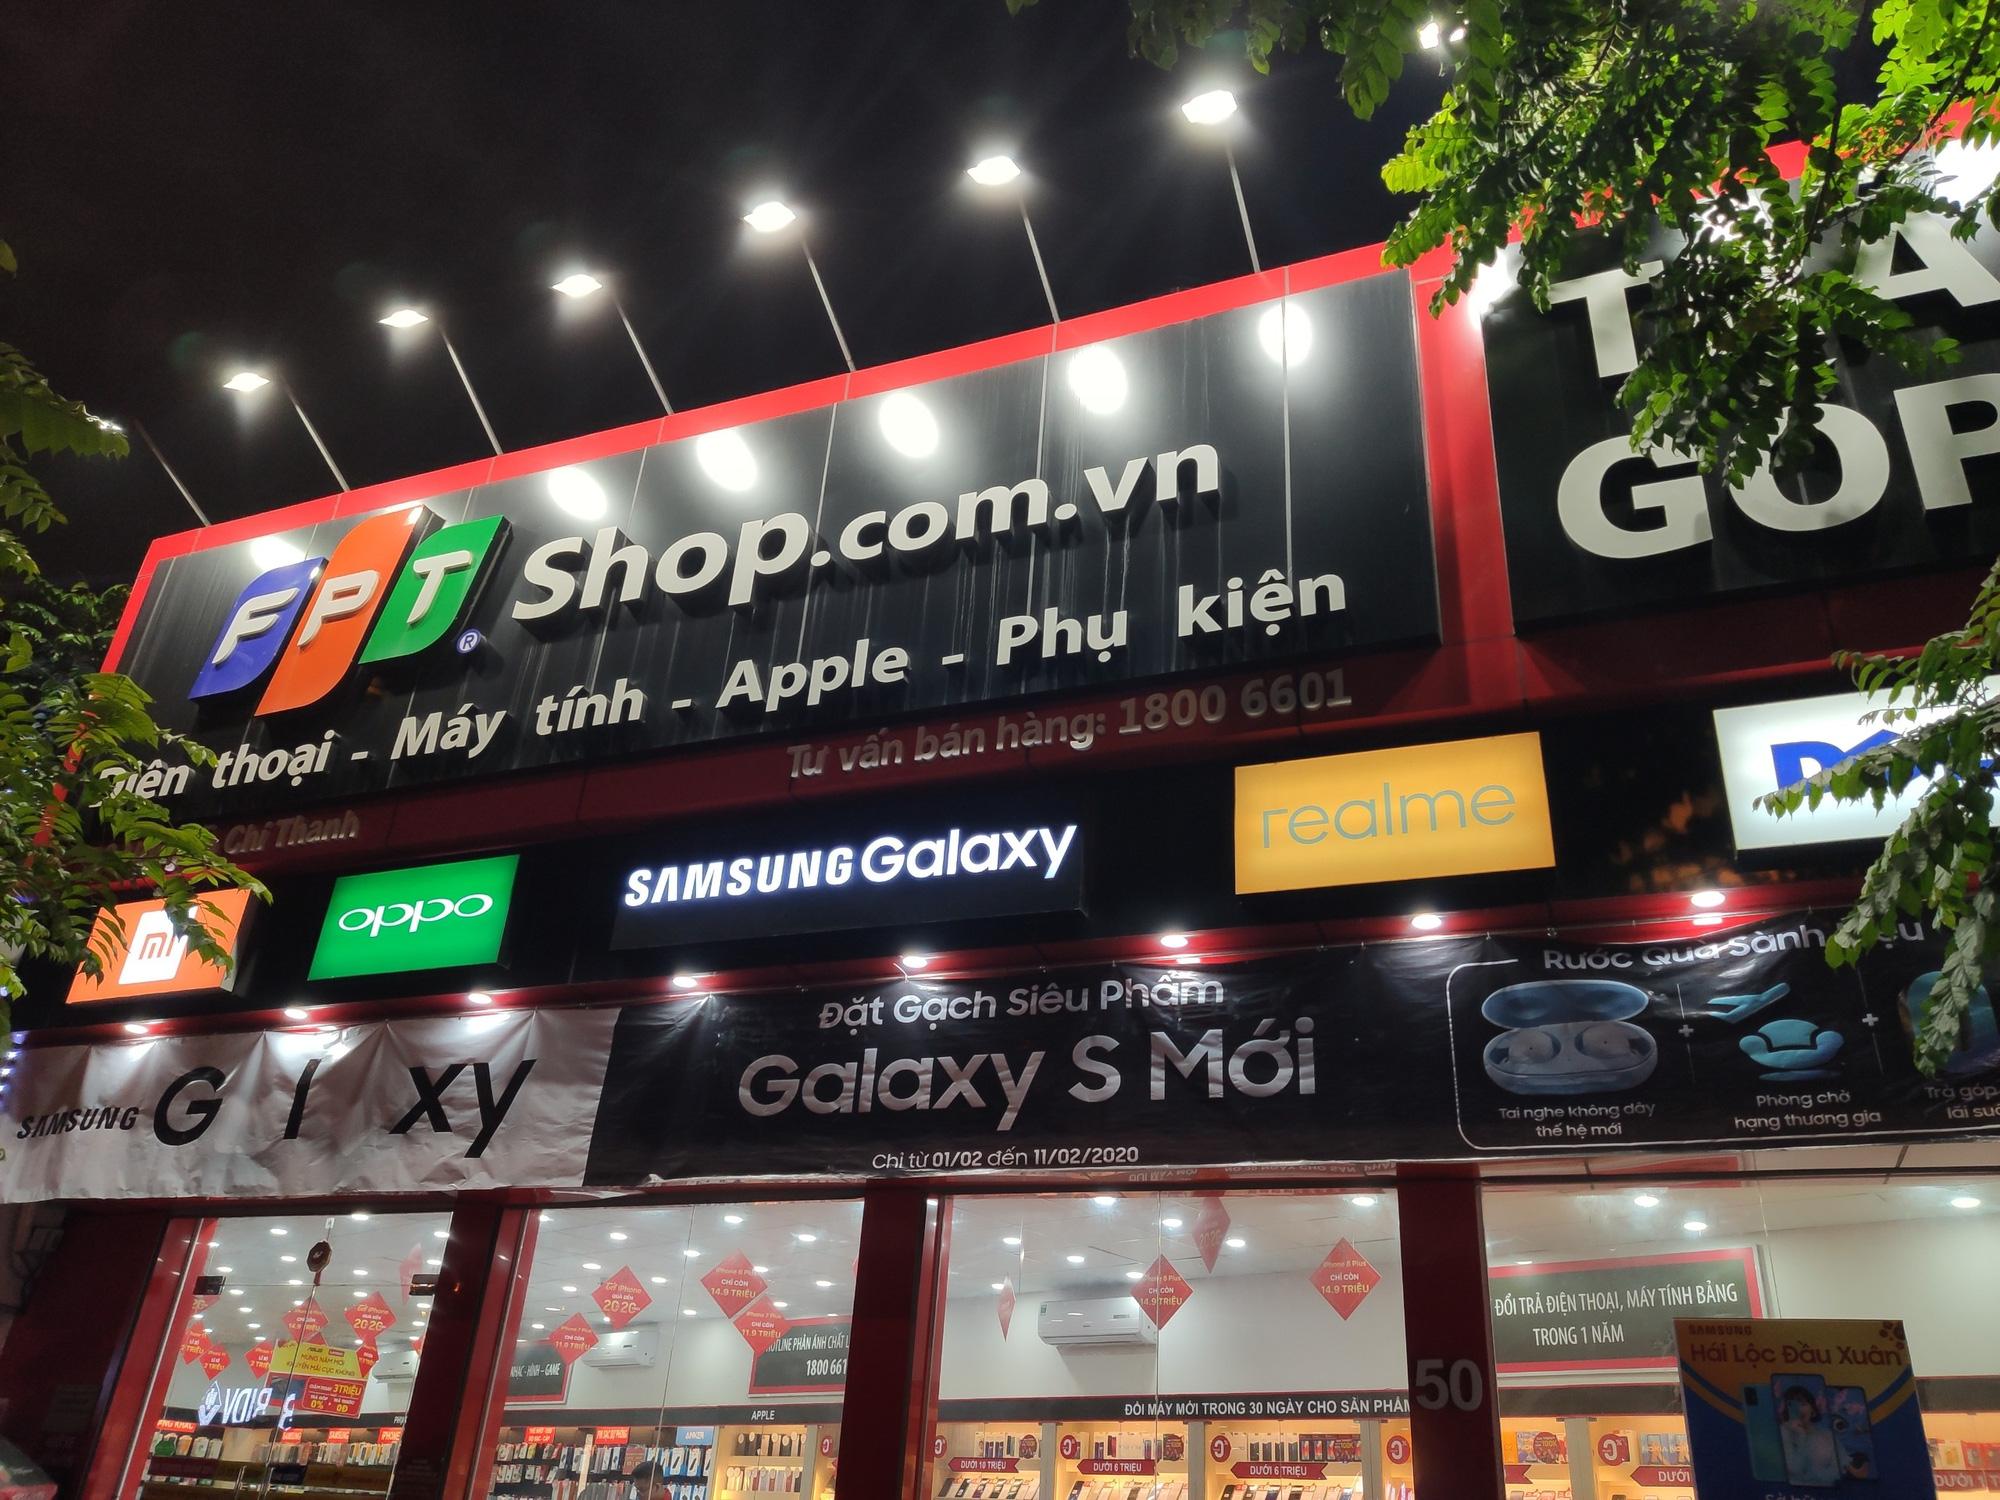 Cổ phiếu FPT Retail vừa hồi phục, nhóm Dragon Capital bán hạ tỉ trọng - Ảnh 1.